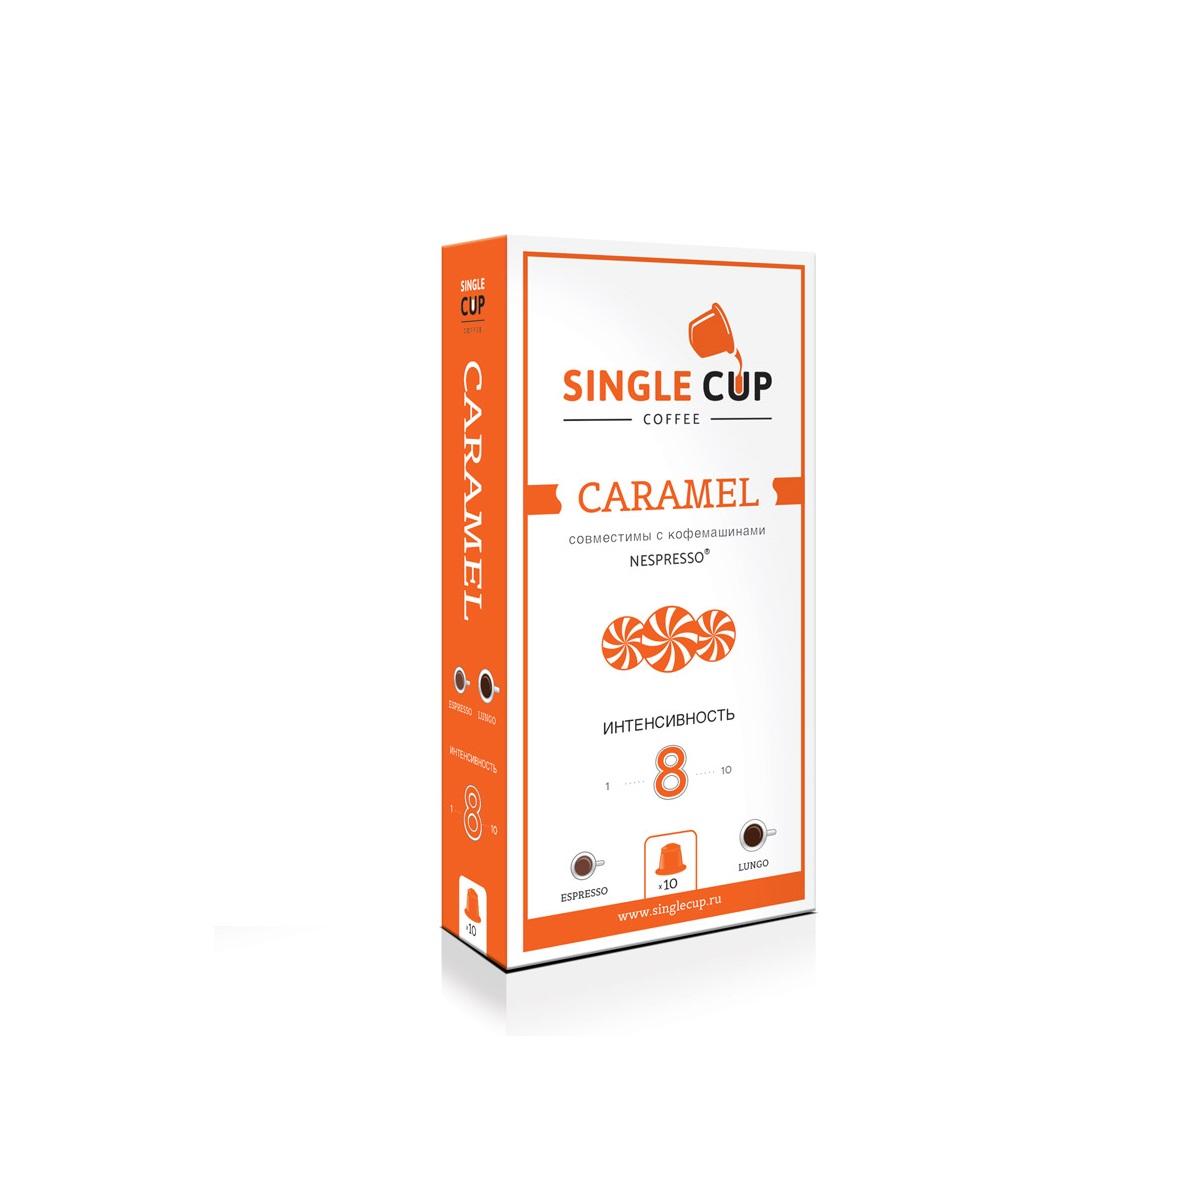 Кофе в капсулах Single Cup Coffee Caramel, 55 г блюз эспрессо форте кофе молотый в капсулах 55 г